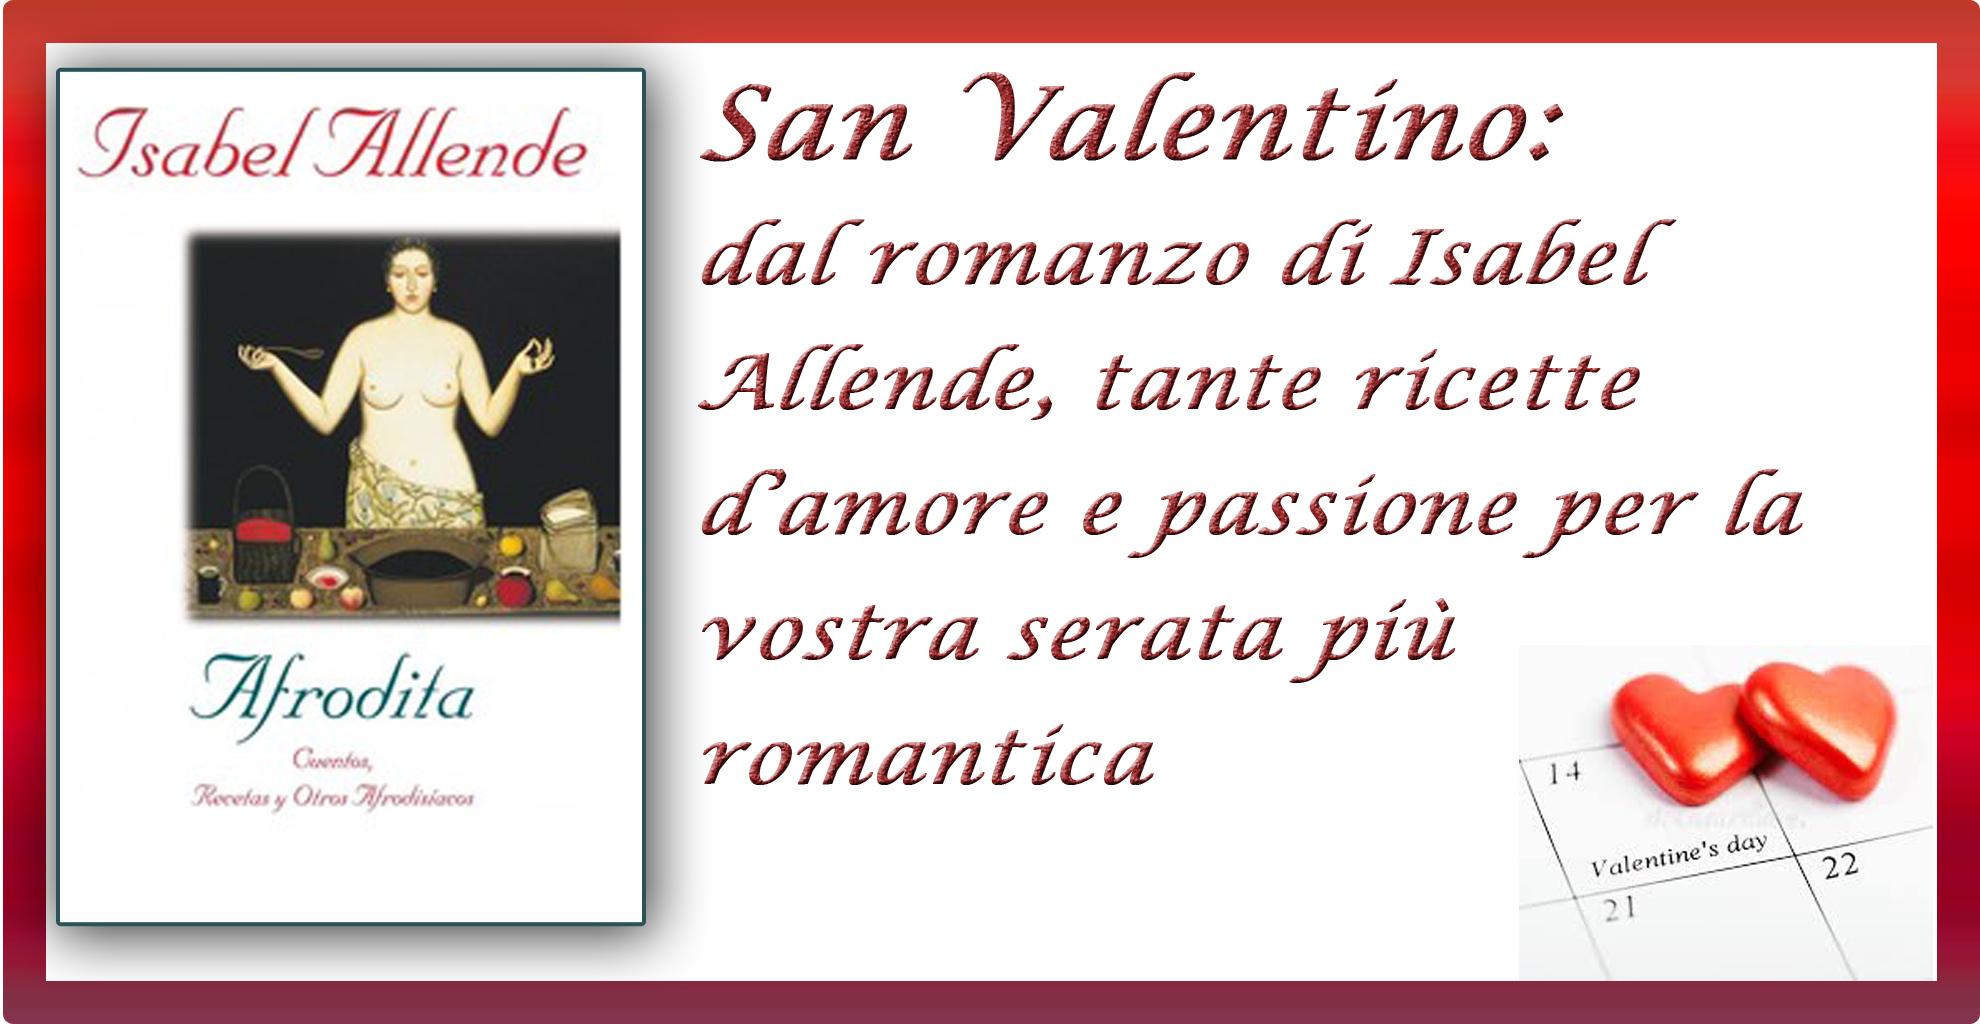 San Valentino. Isabel Allende